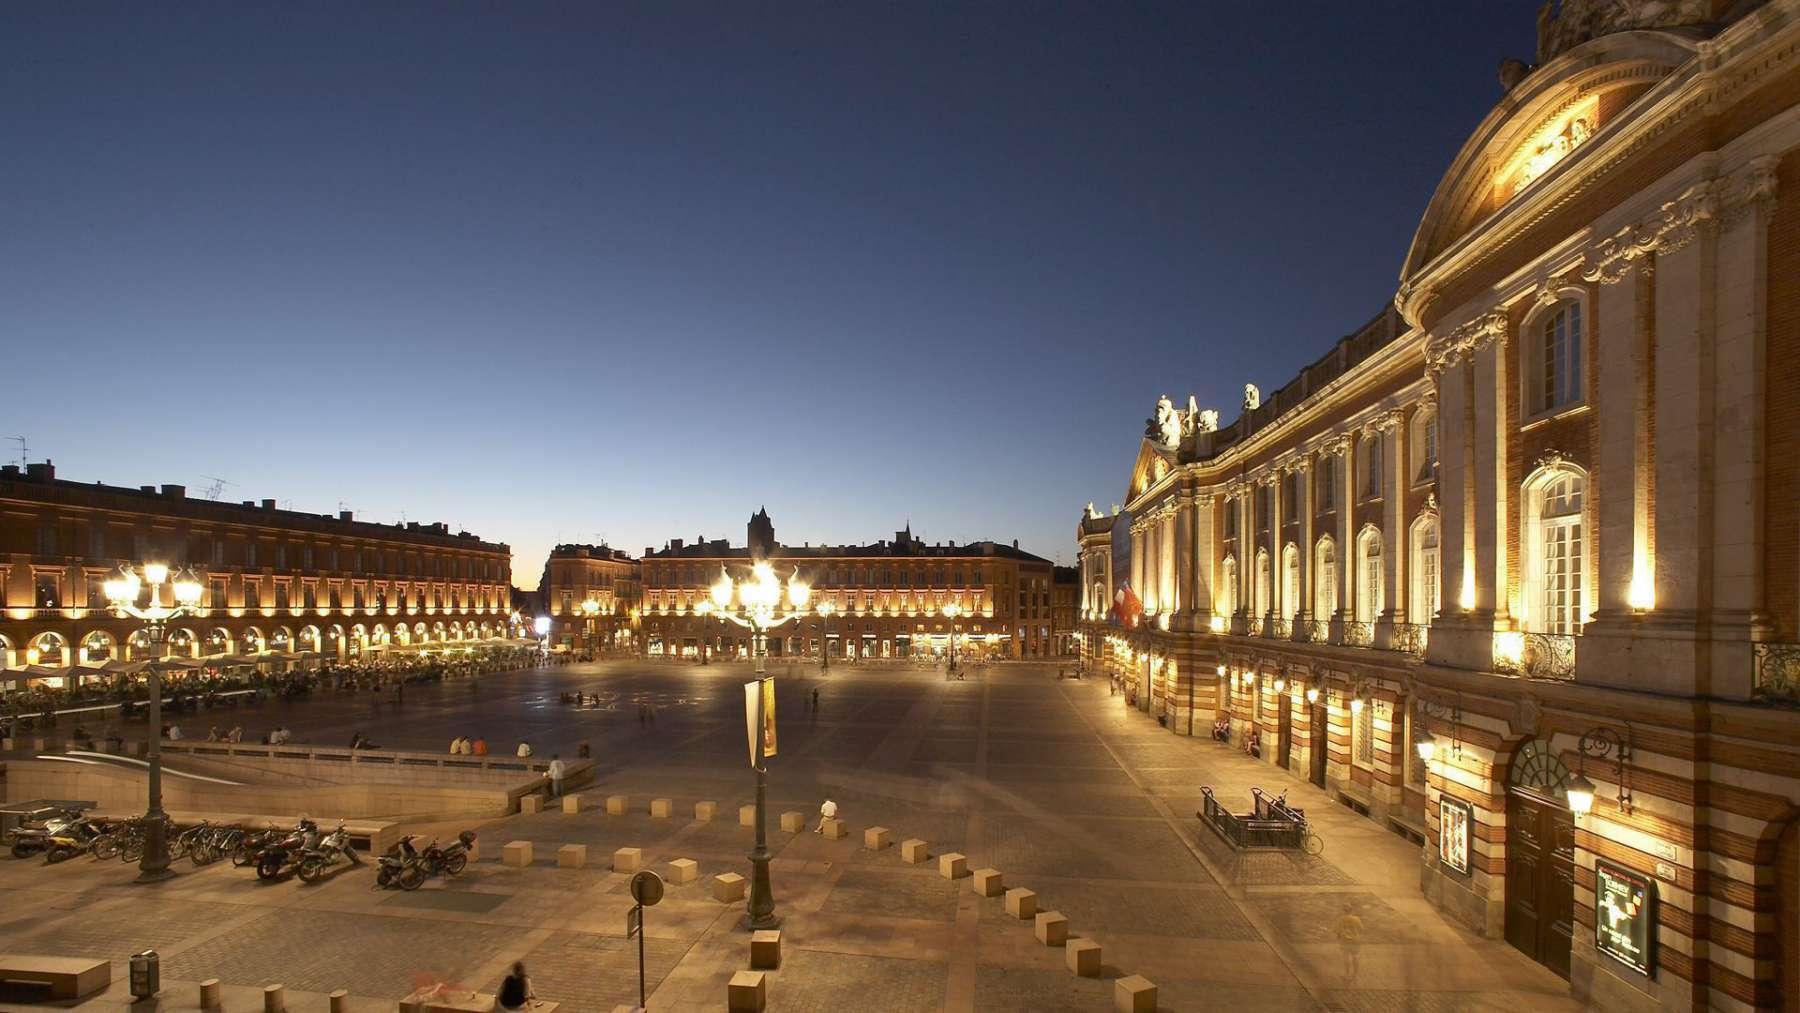 Det centrale Toulouse med Place du Capitole. Foto: Grand-hotel-opera.com